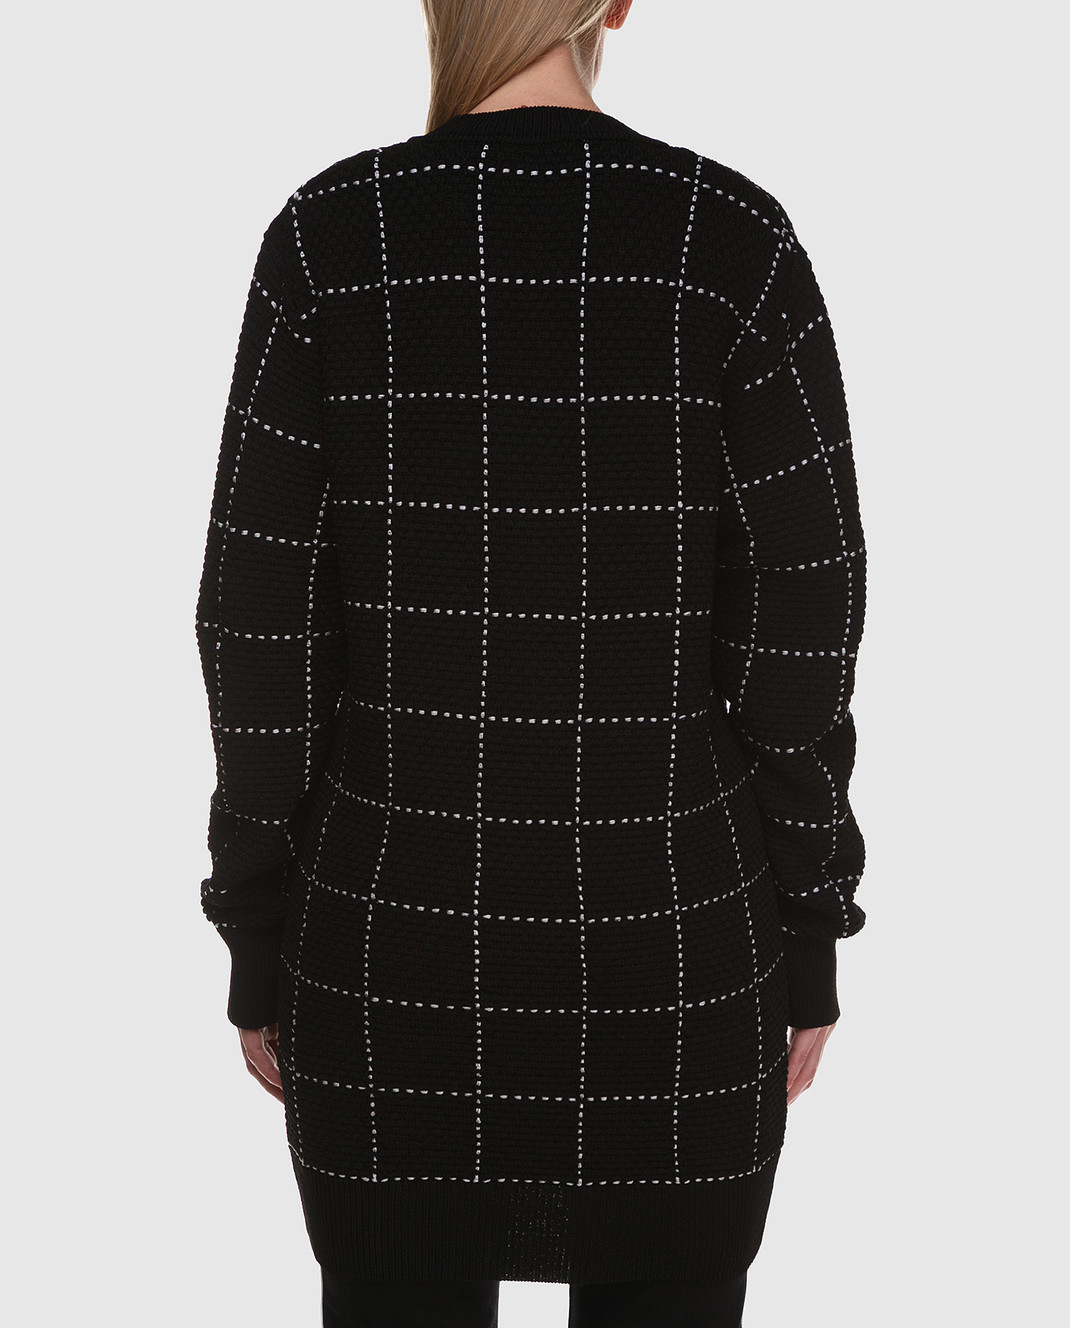 Balmain Черный свитер 136667 изображение 4